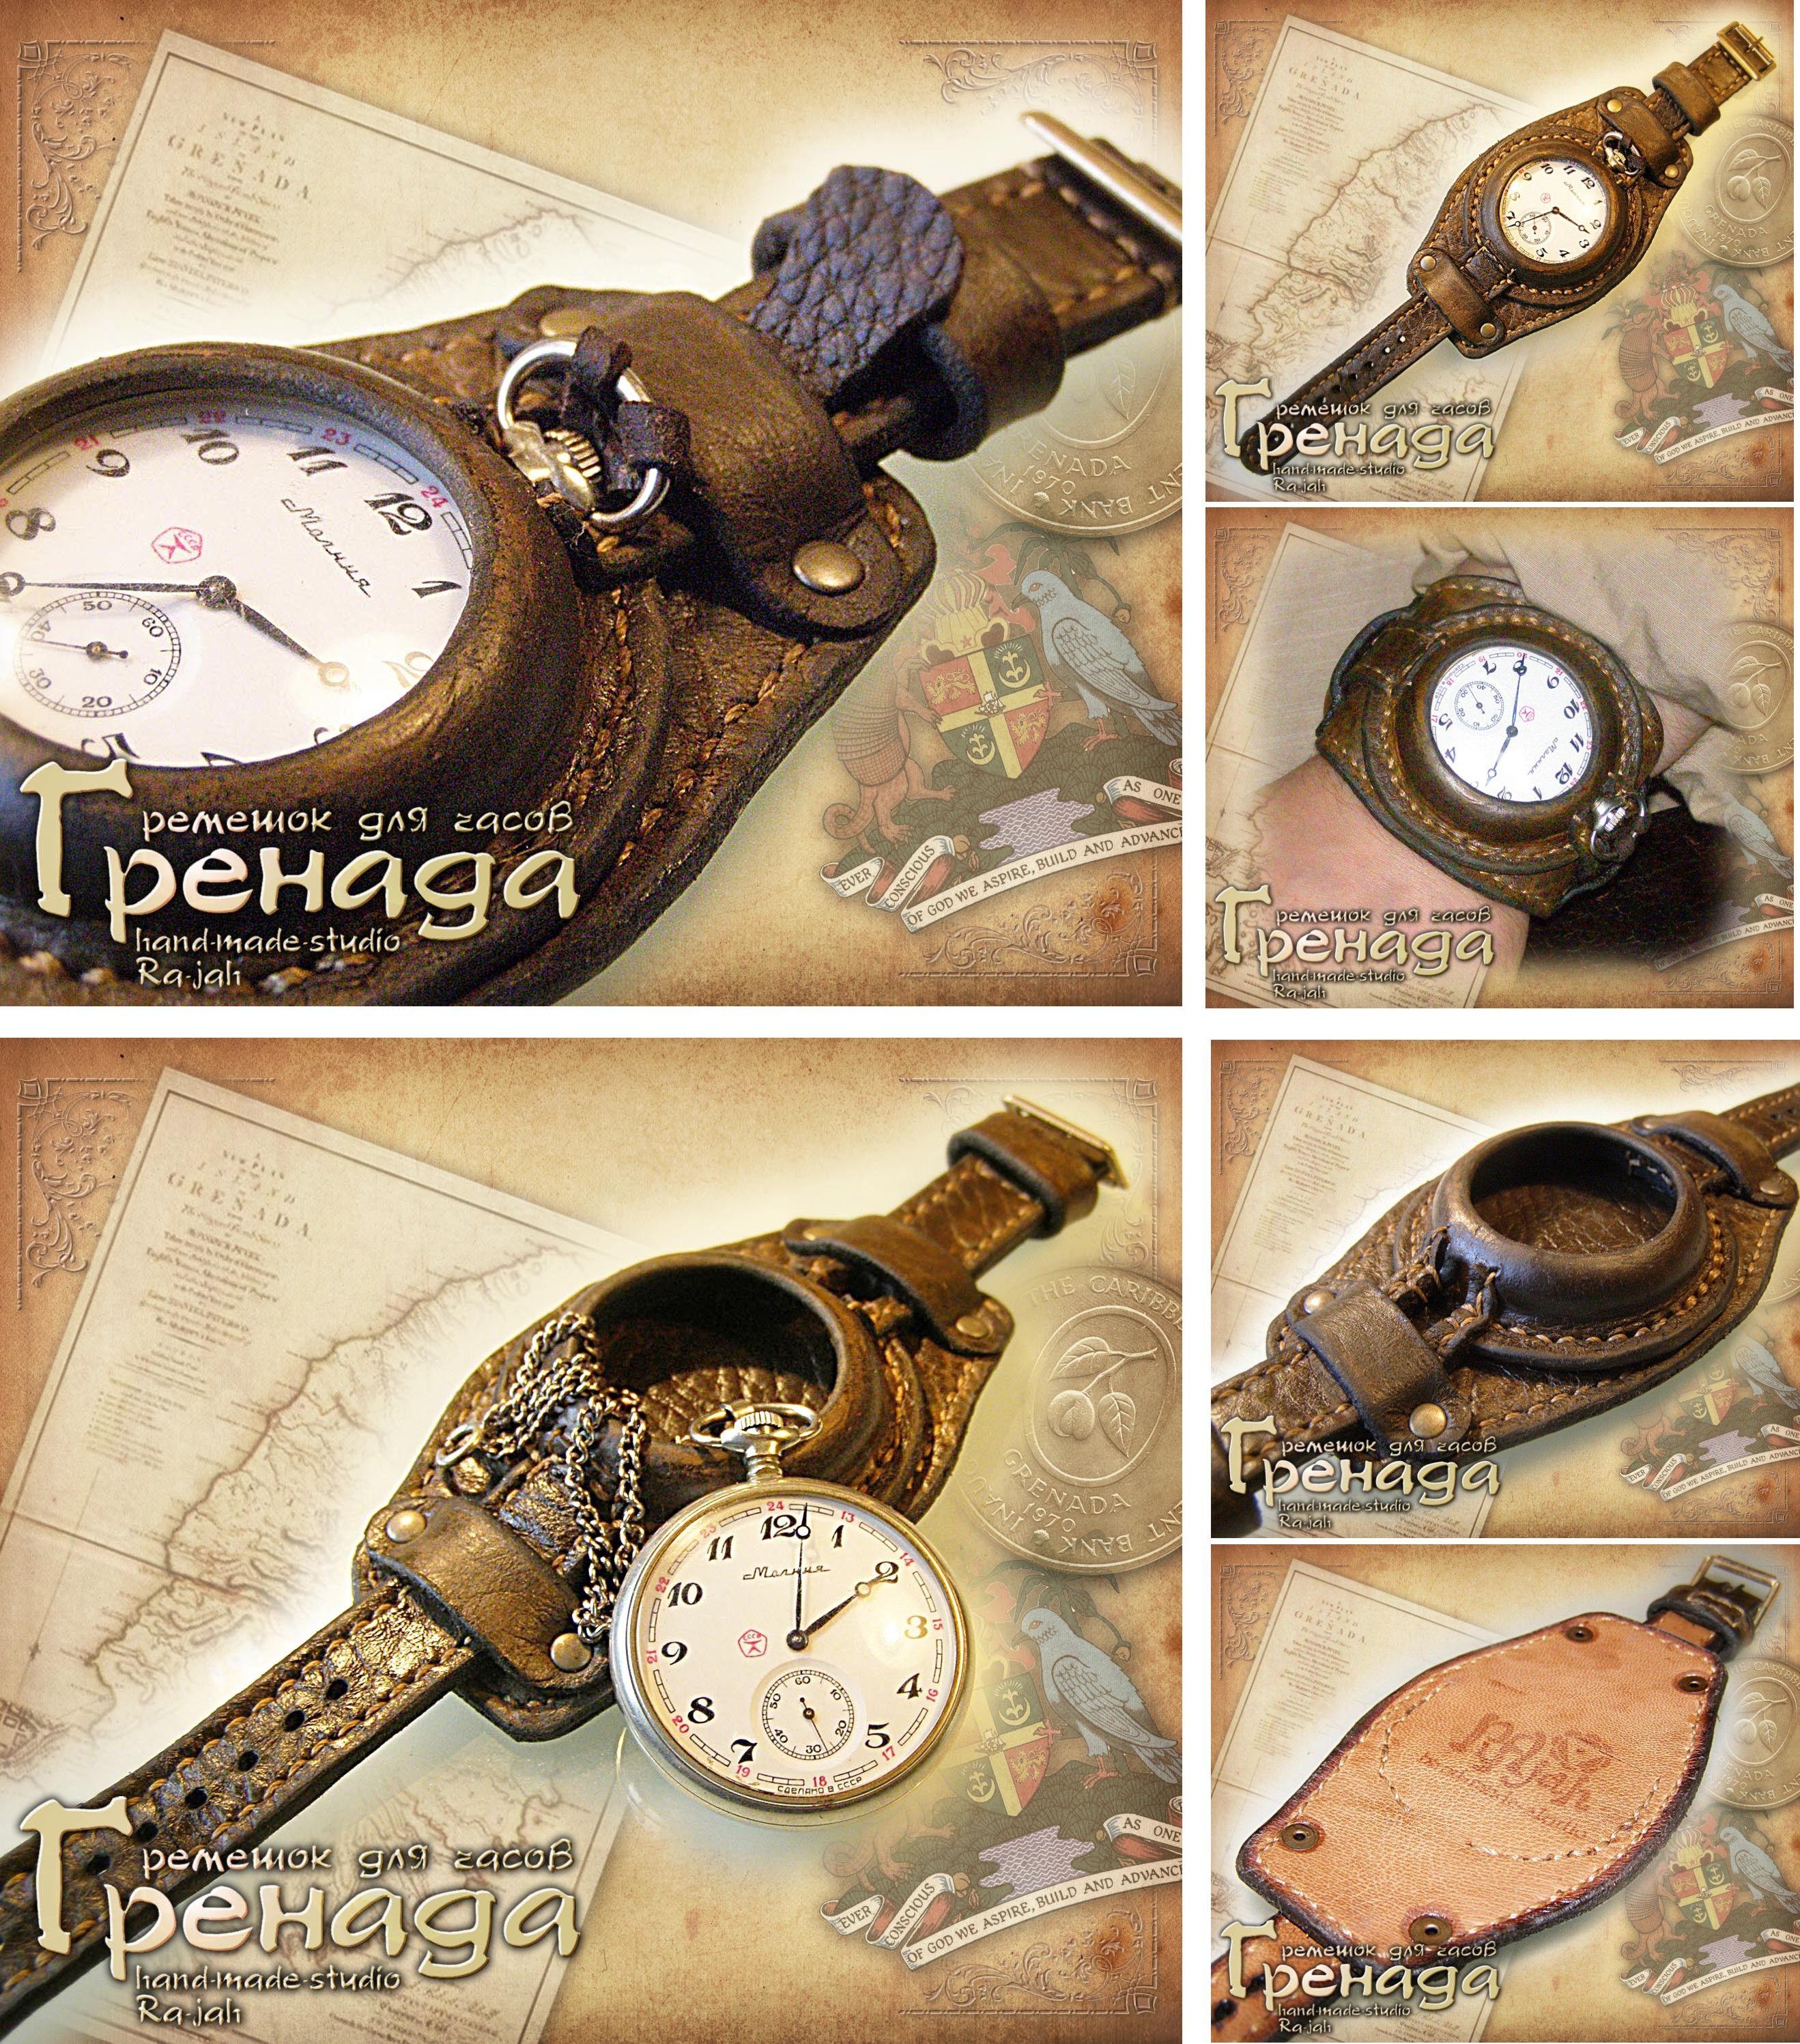 Ремешок на руку для карманных часов своими руками